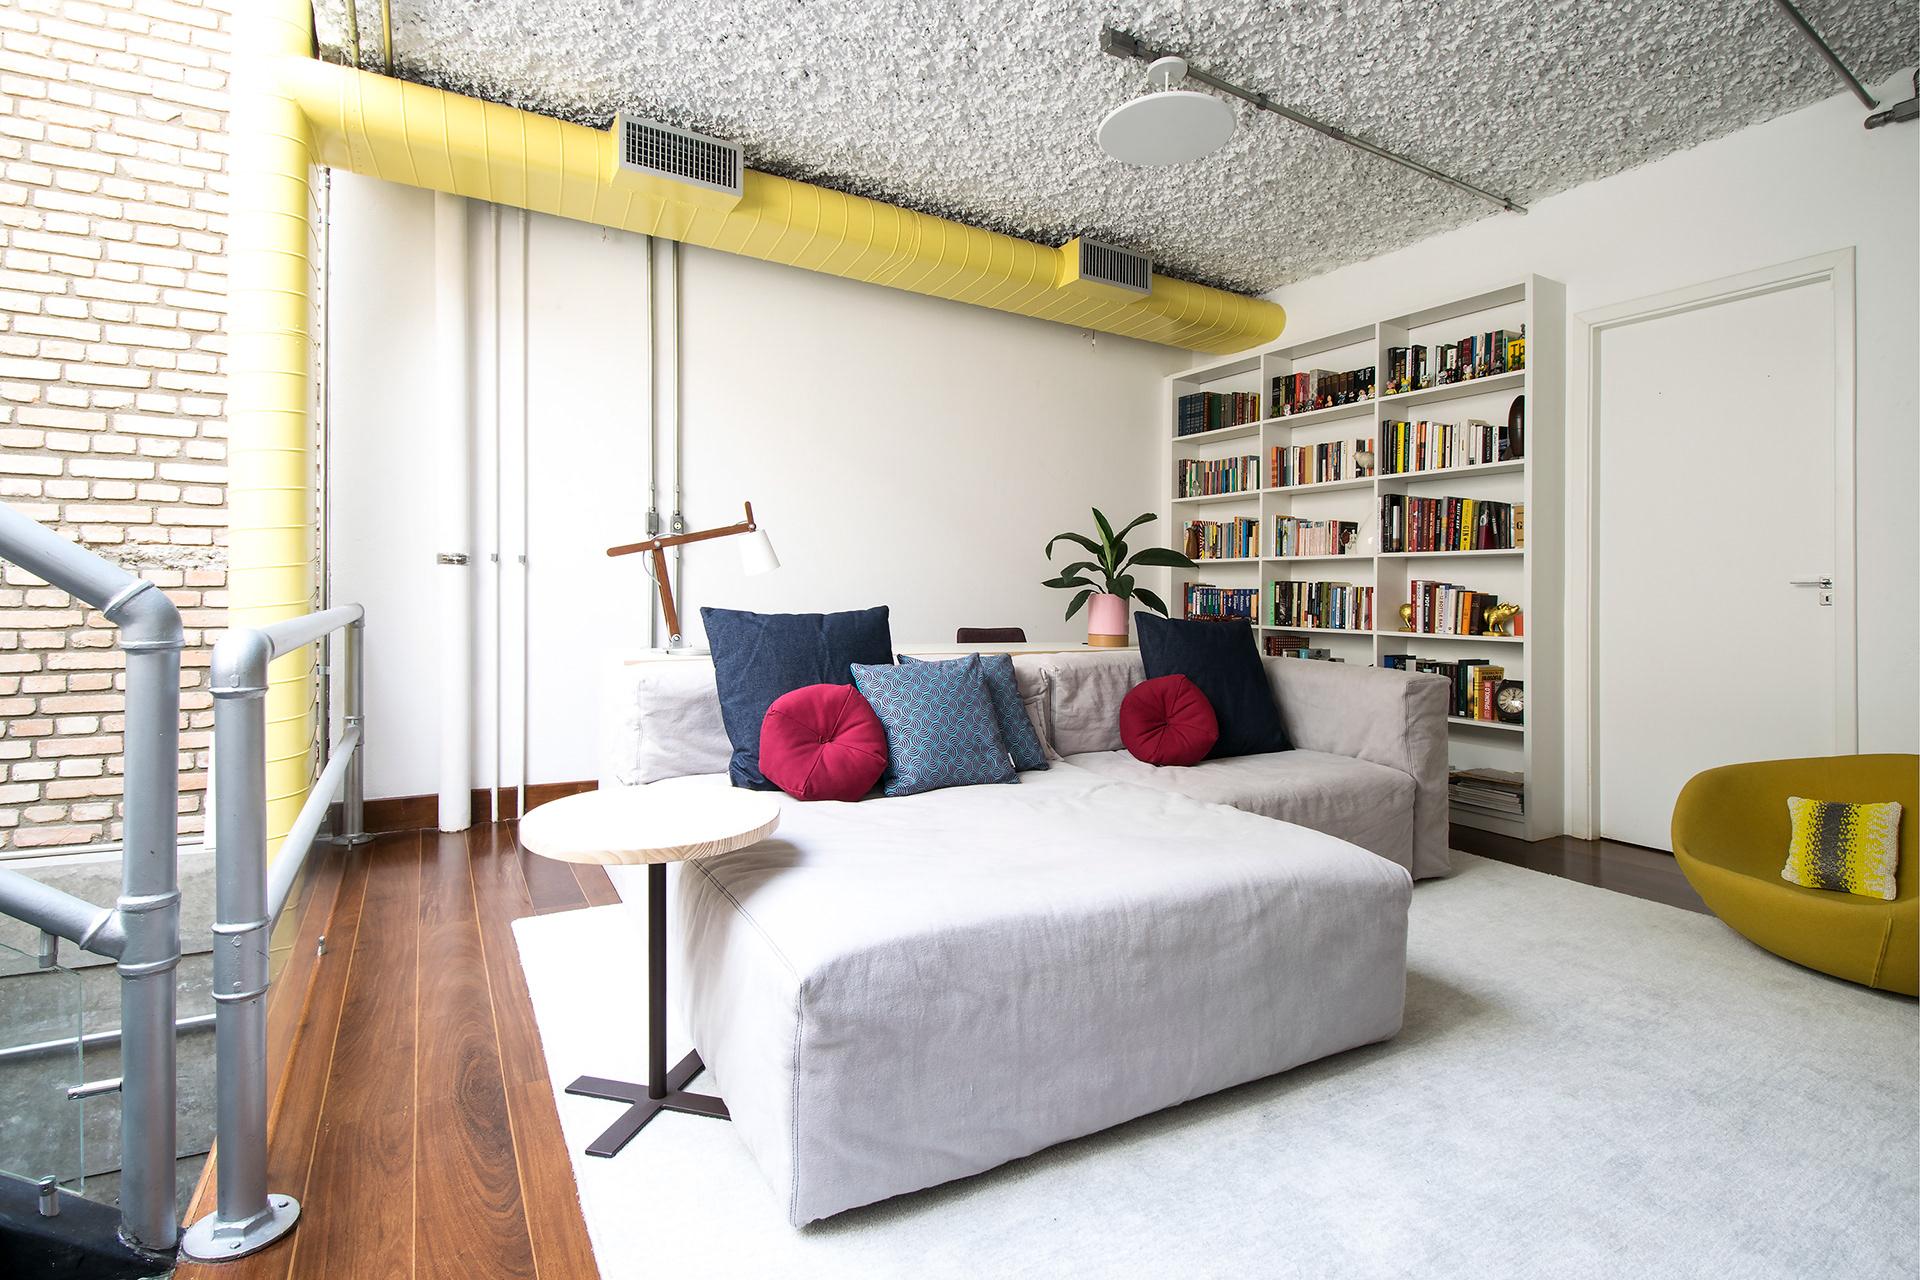 Projeto: Casa Vila Jardim - Sofá Lego (Estudiobola)